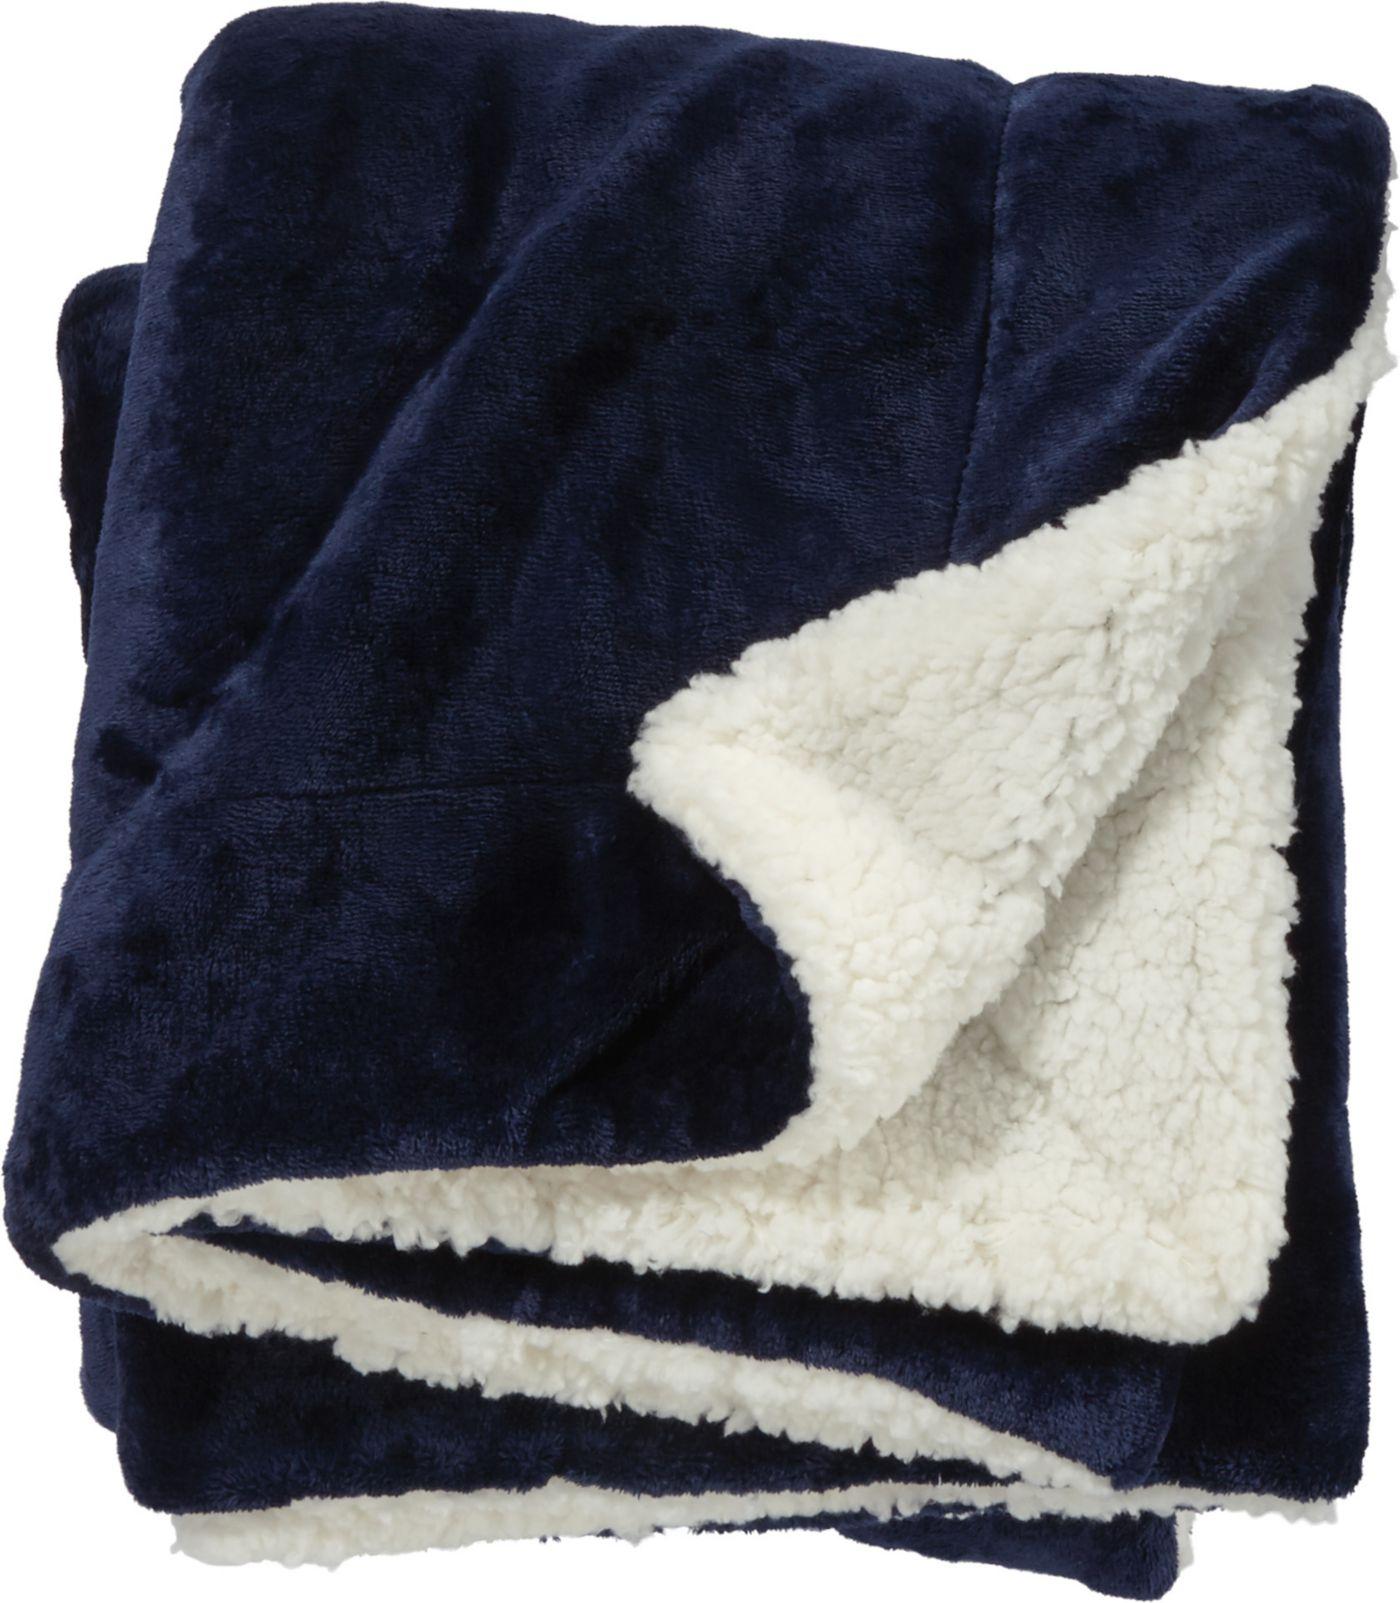 Field & Stream Cozy Solid Sherpa Blanket